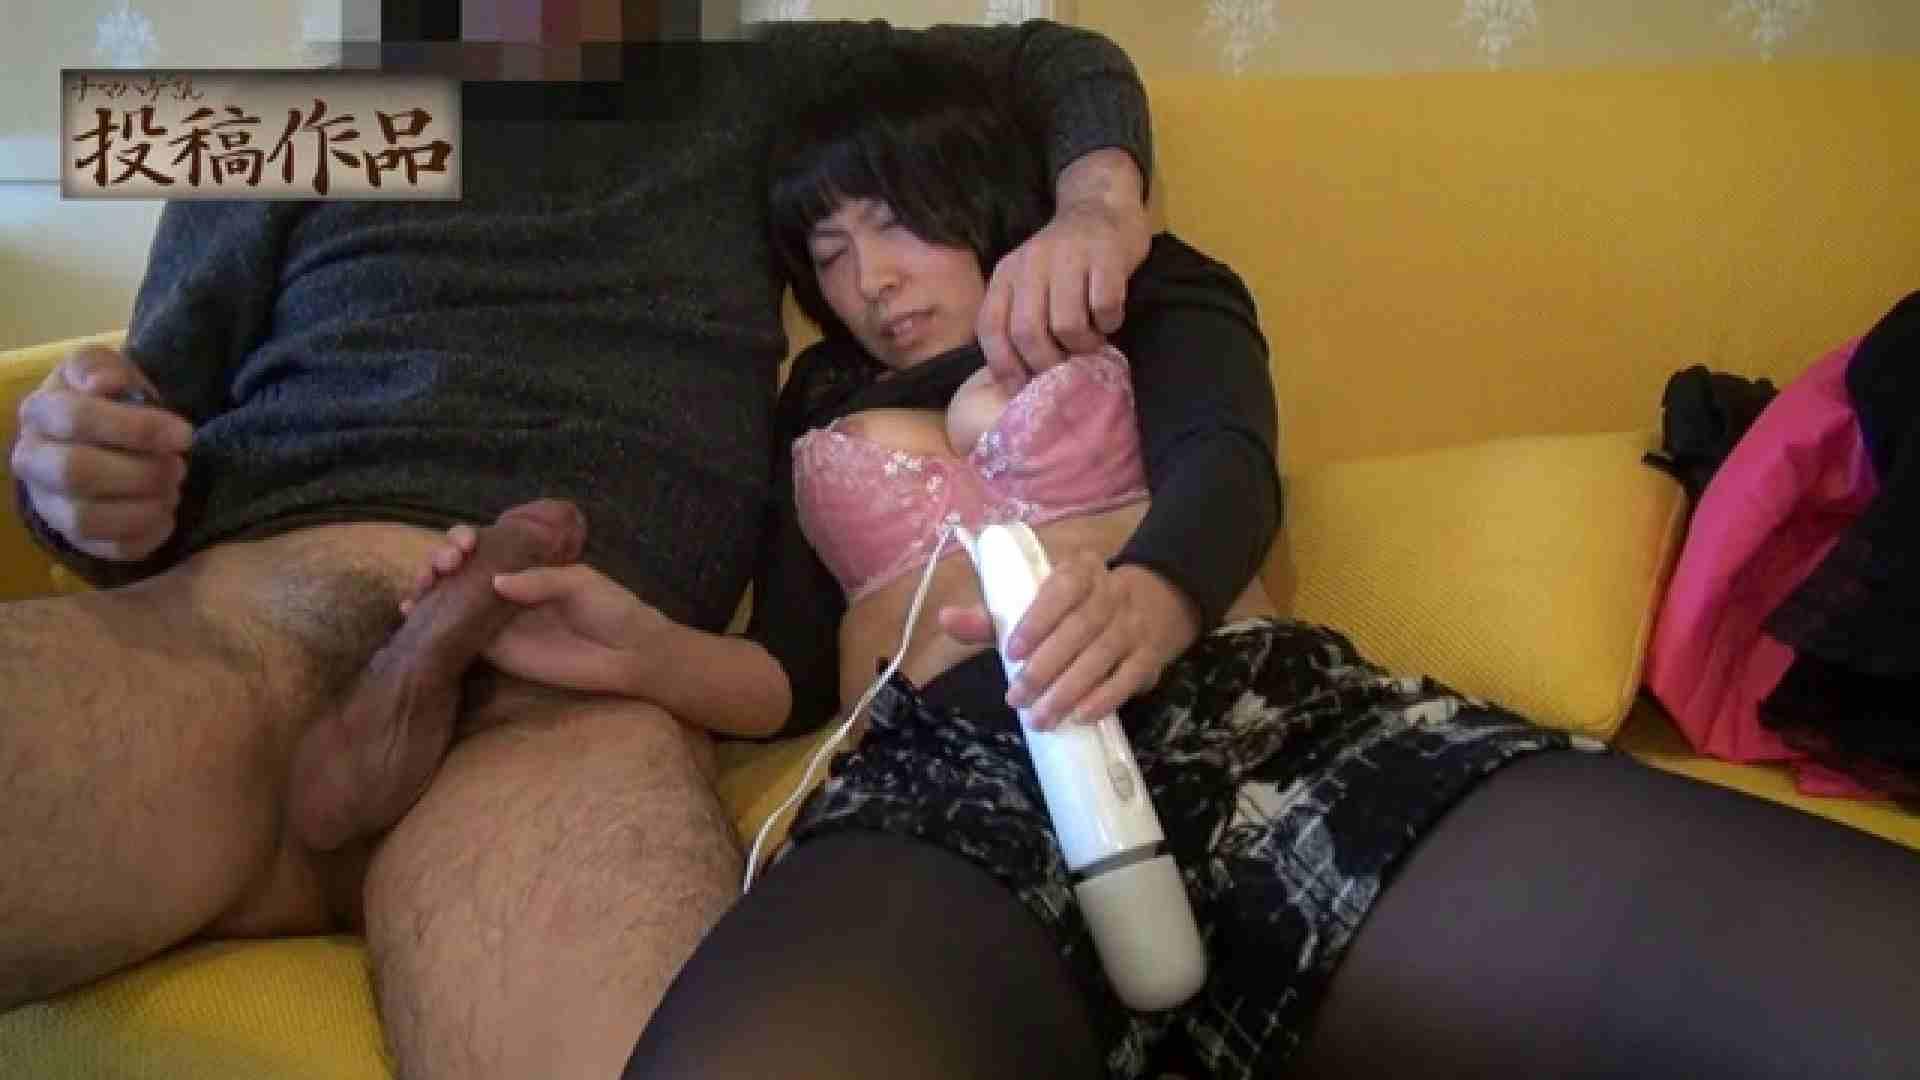 ナマハゲさんのまんこコレクション第二章 Ayaka 投稿 盗撮動画紹介 58pic 8